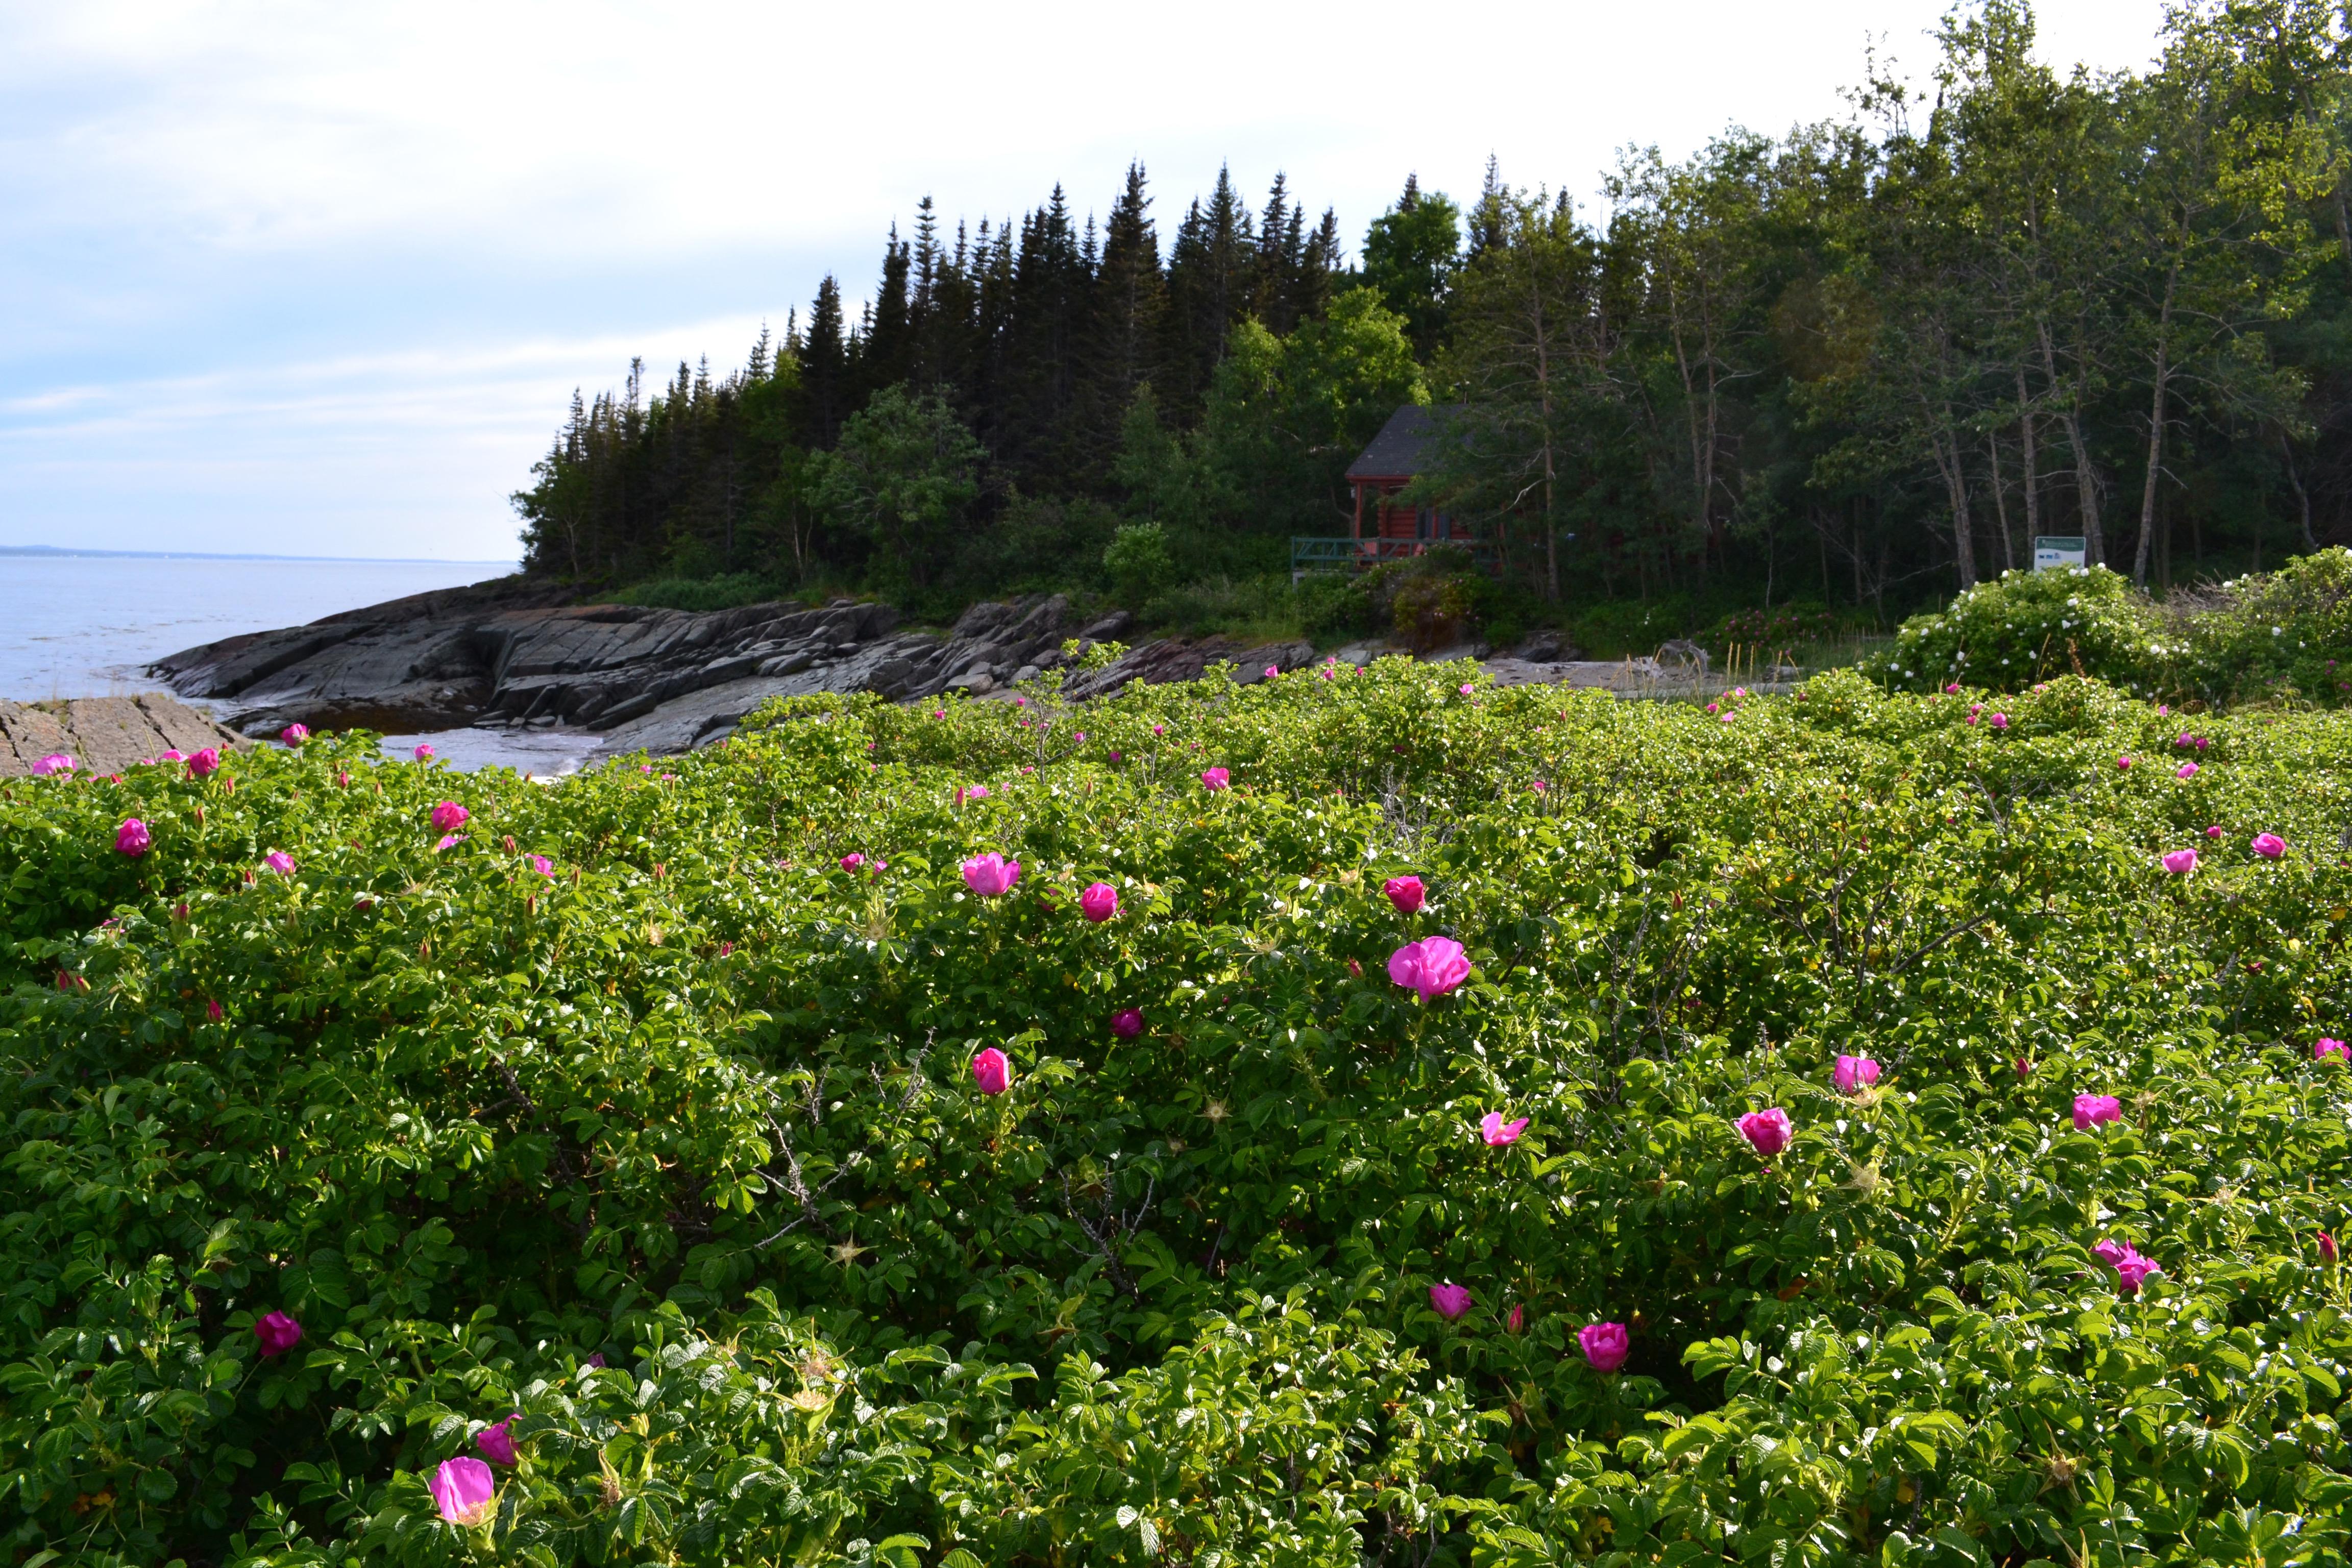 Paysage riverain et rosiers sauvages au Parc naturel et historique de l'Île aux Basques (Photo: Nancy Charland)